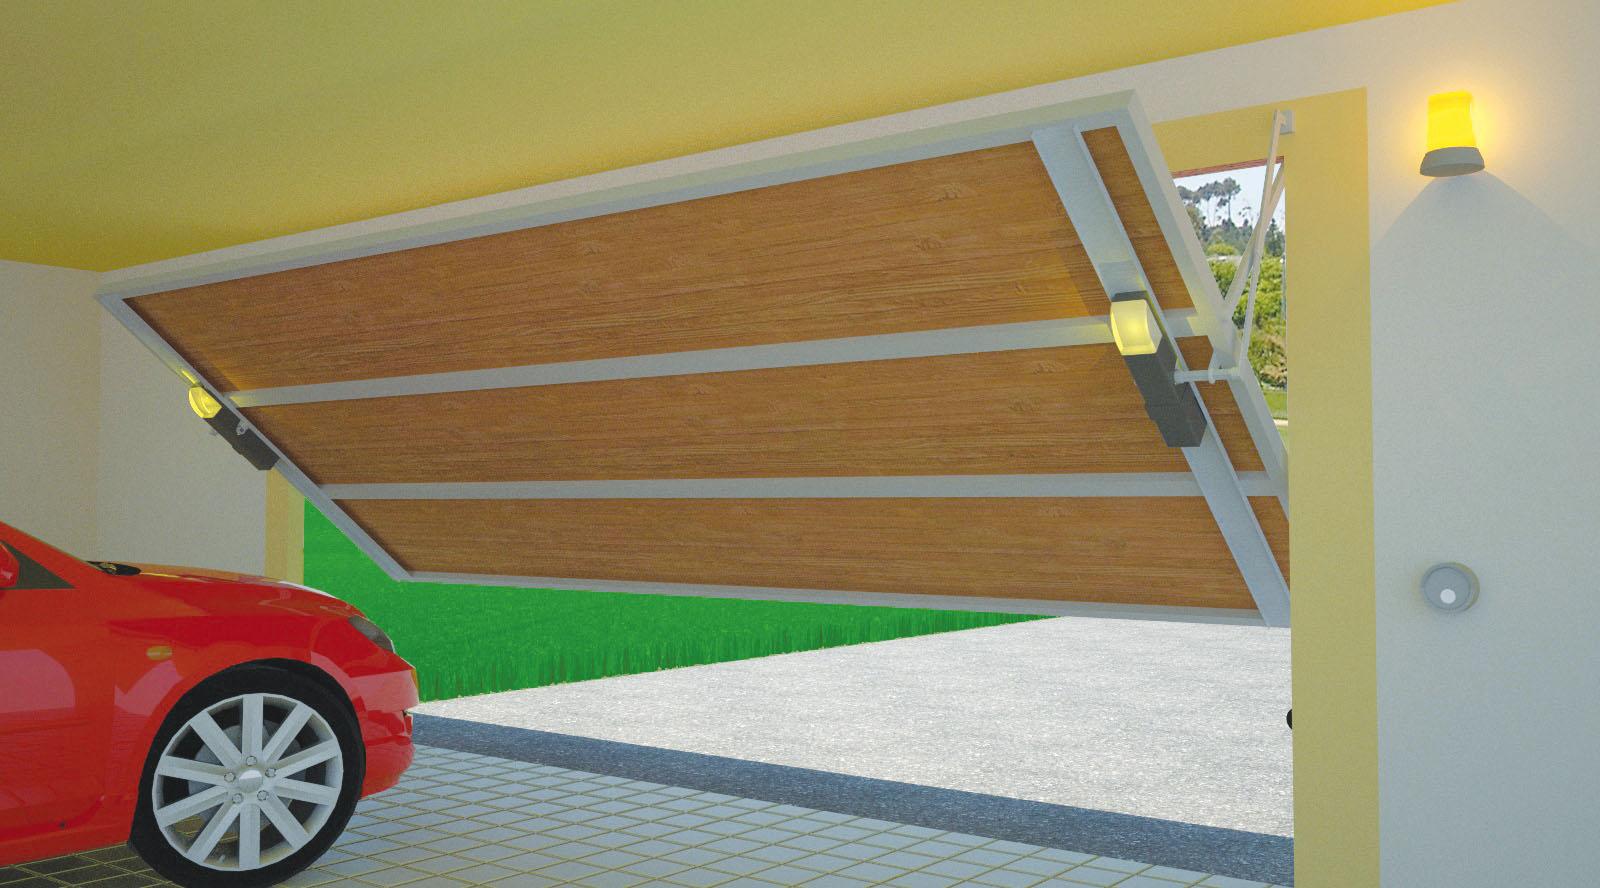 Controllo del garage dalla centrale antifurto - Serranda elettrica casa ...